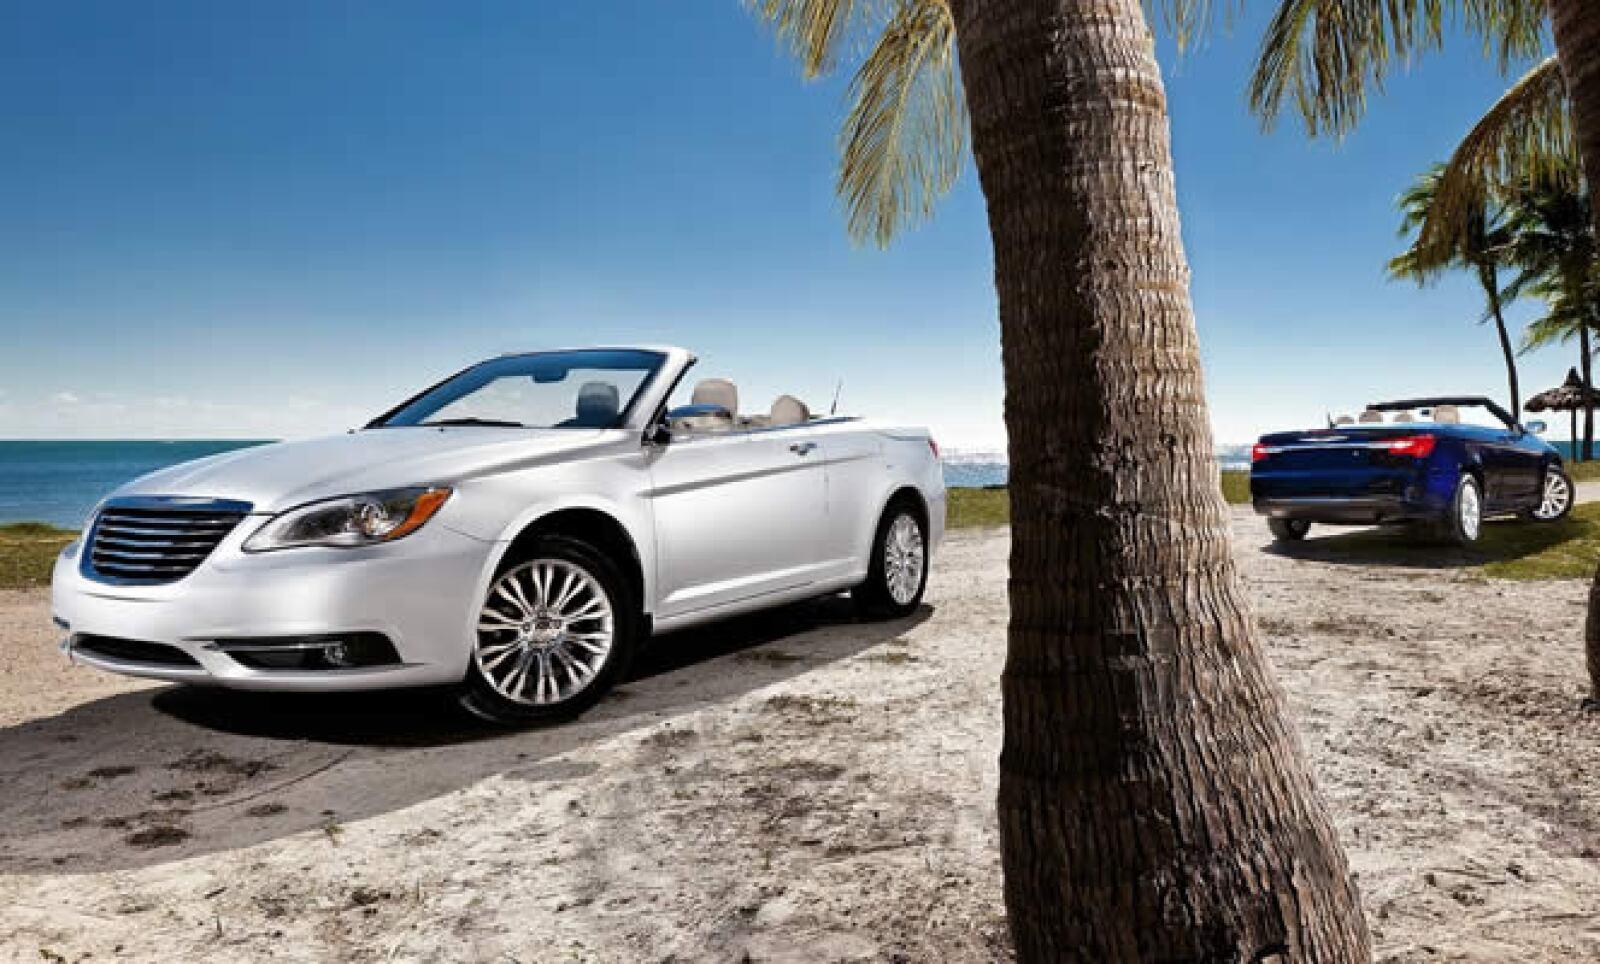 La automotriz no ha especificado si el vehículo se comercializará en México.